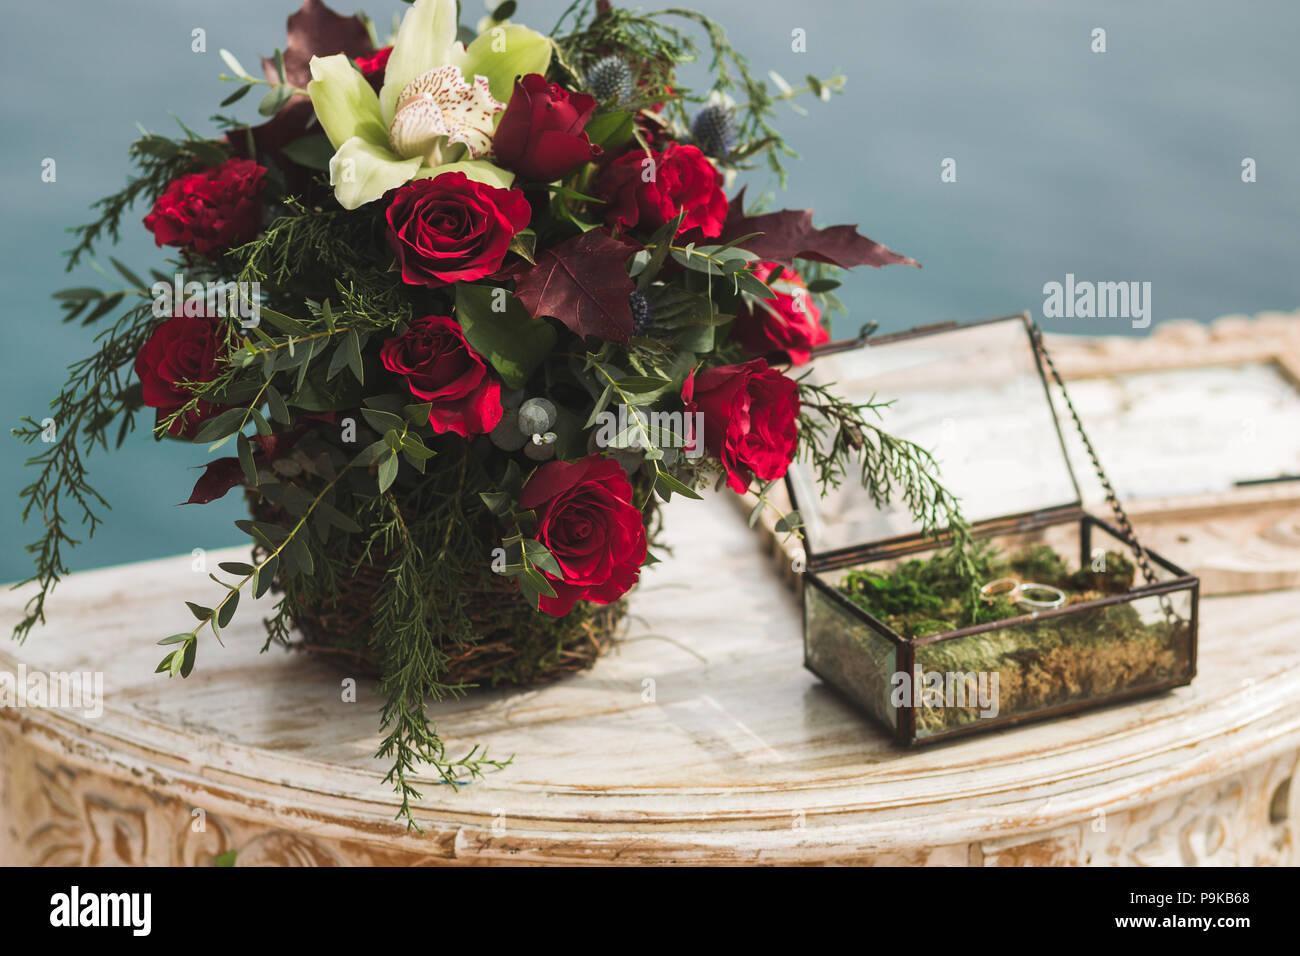 Hochzeit Empfang Tisch Mit Blumenstrauss In Boho Style Mit Rote